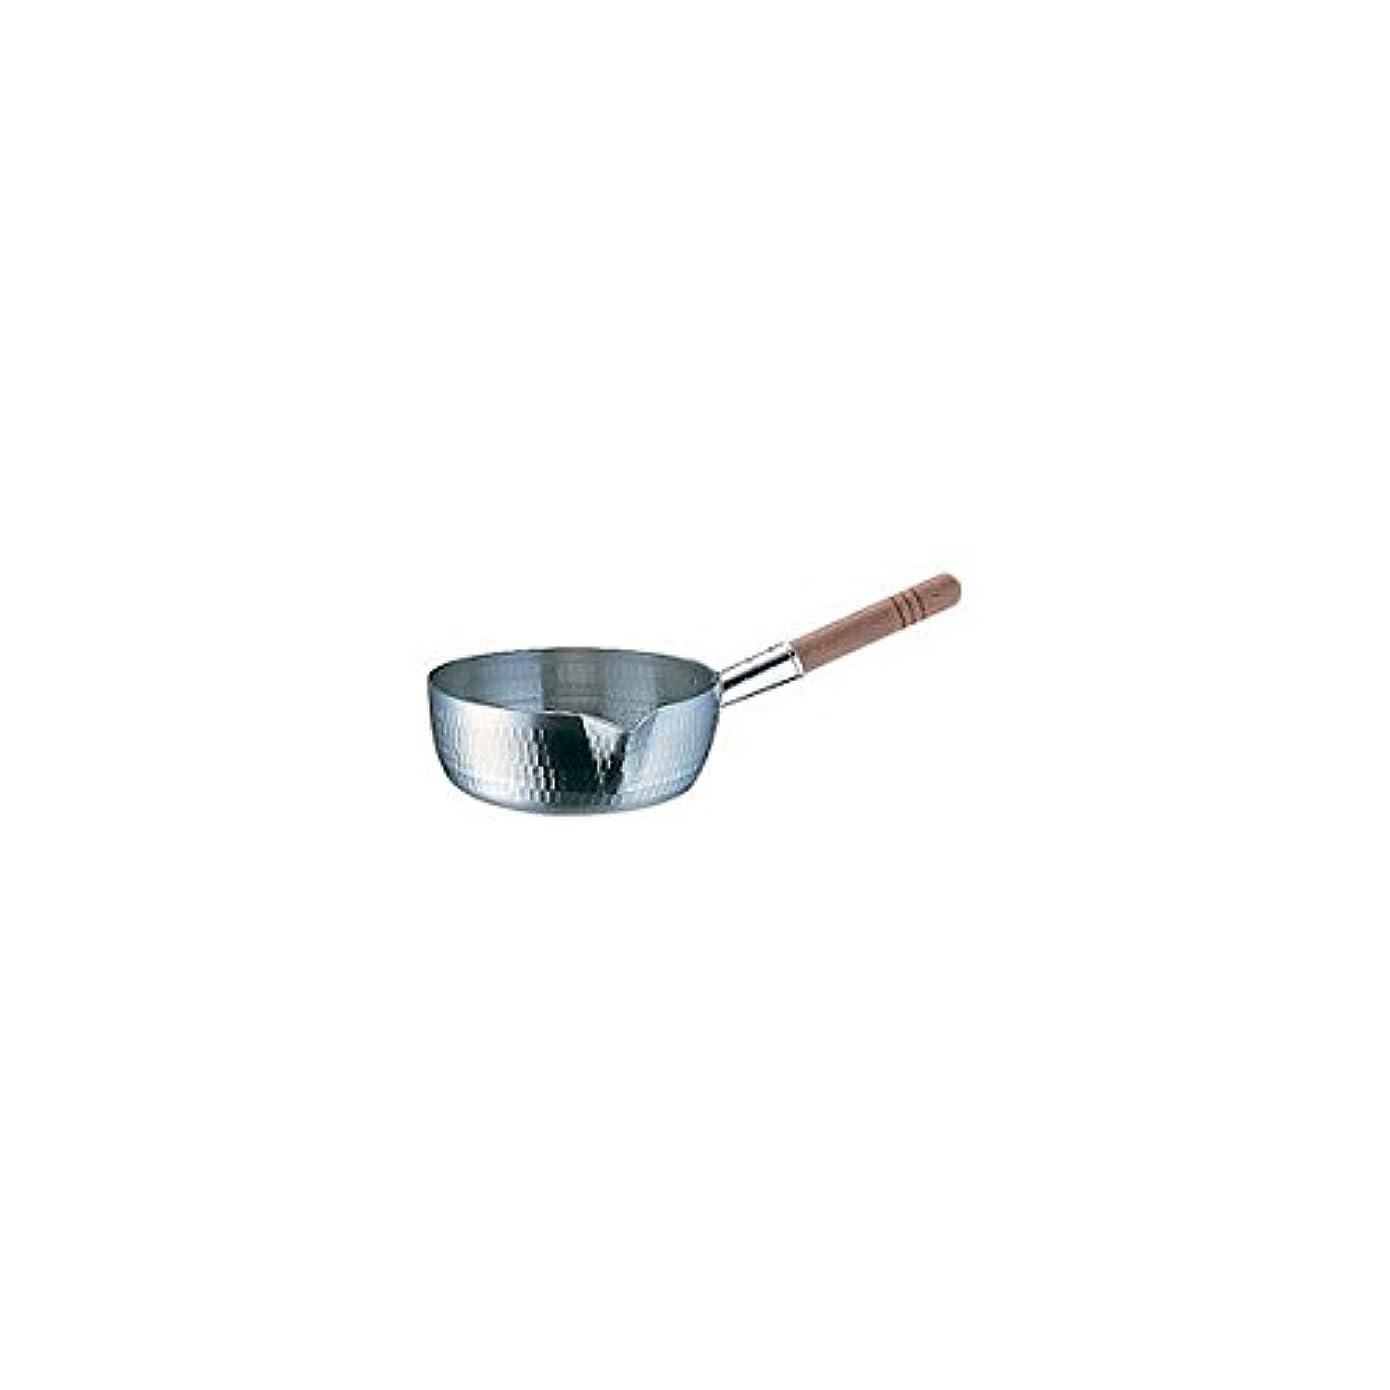 ピアノ牛とアカオアルミ DONカラス口雪平鍋 18cm アルミニウム合金、ハンドル(天然木) 日本 AYK06018